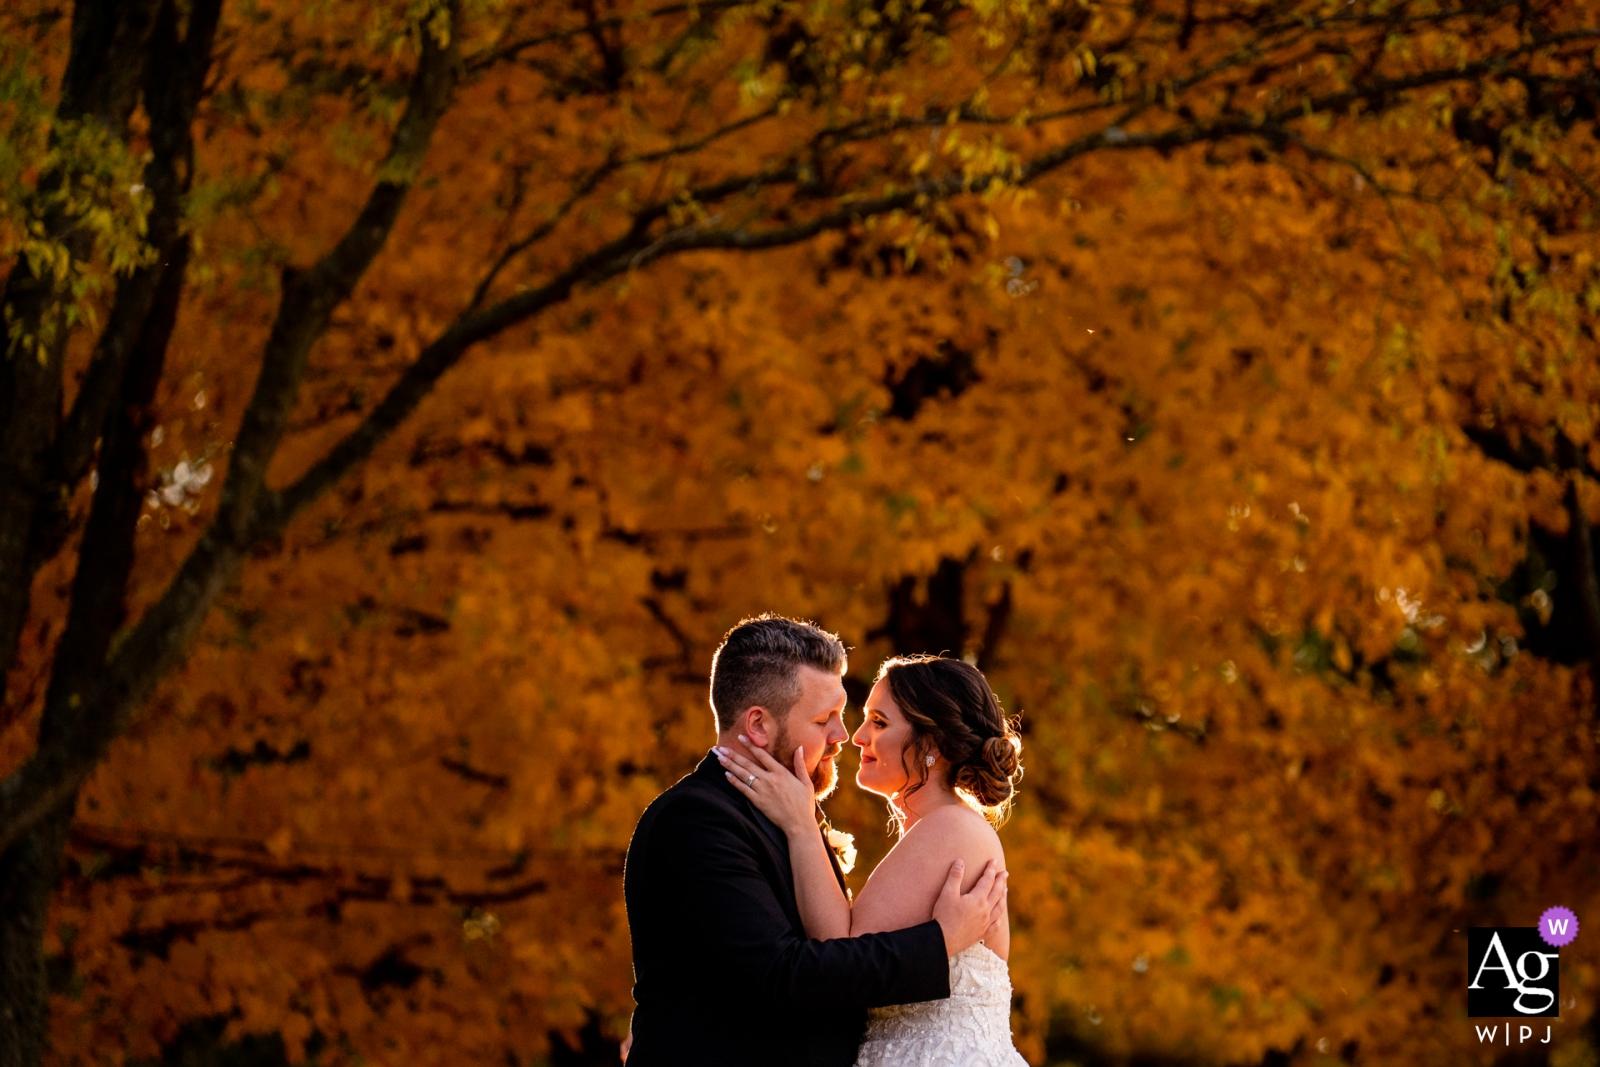 Great Marsh Estate, foto de la boda de Bealeton VA | Cintura para arriba el retrato de la novia y el novio, retroiluminado, delante de un árbol en color otoñal pico.